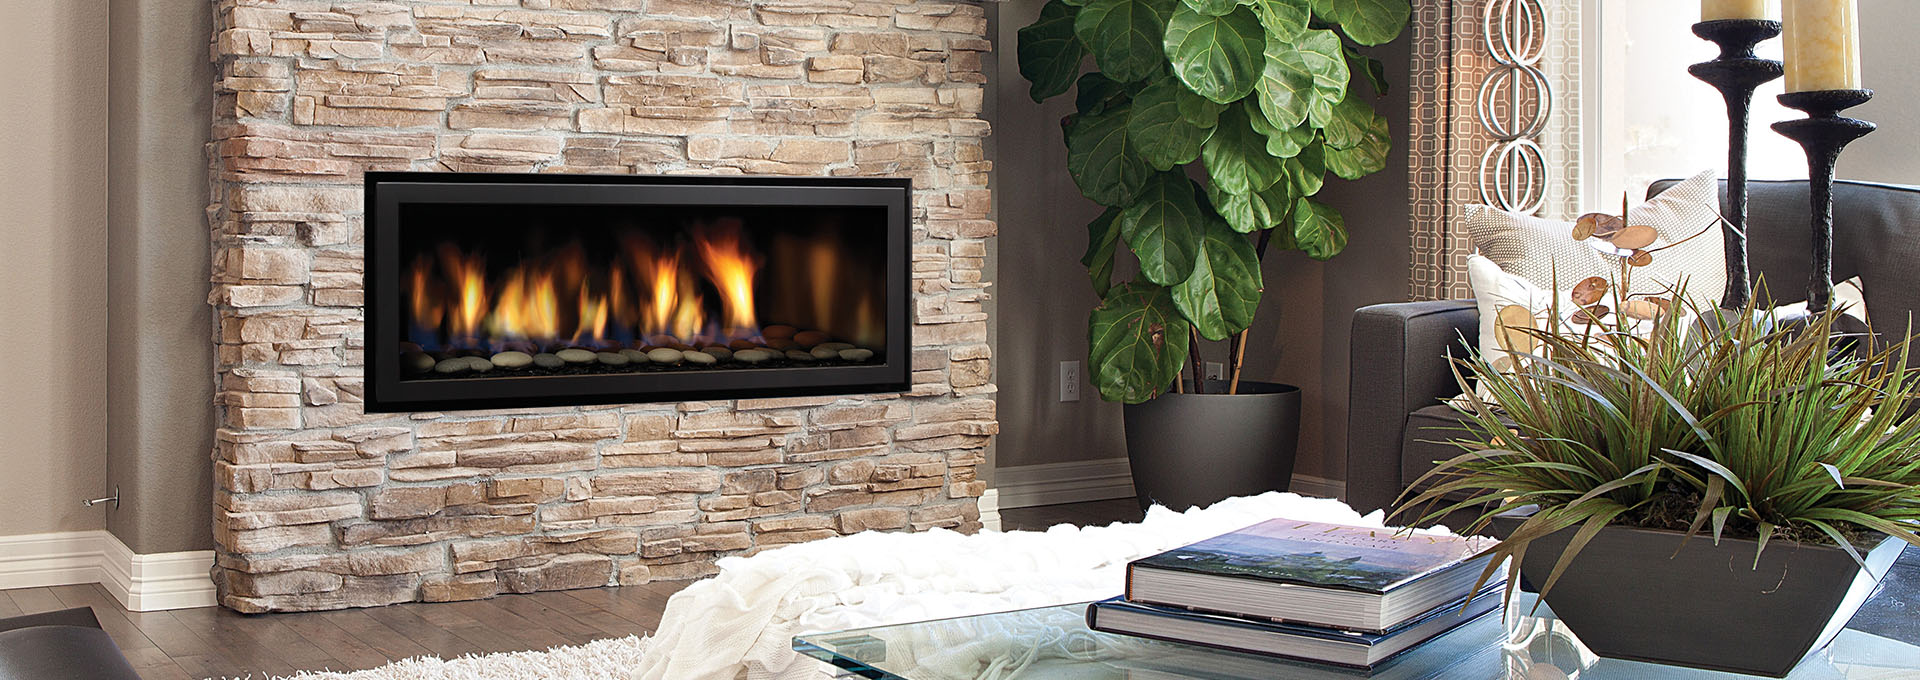 regency horizon hz40e gas fireplace contemporary u0026 modern gas